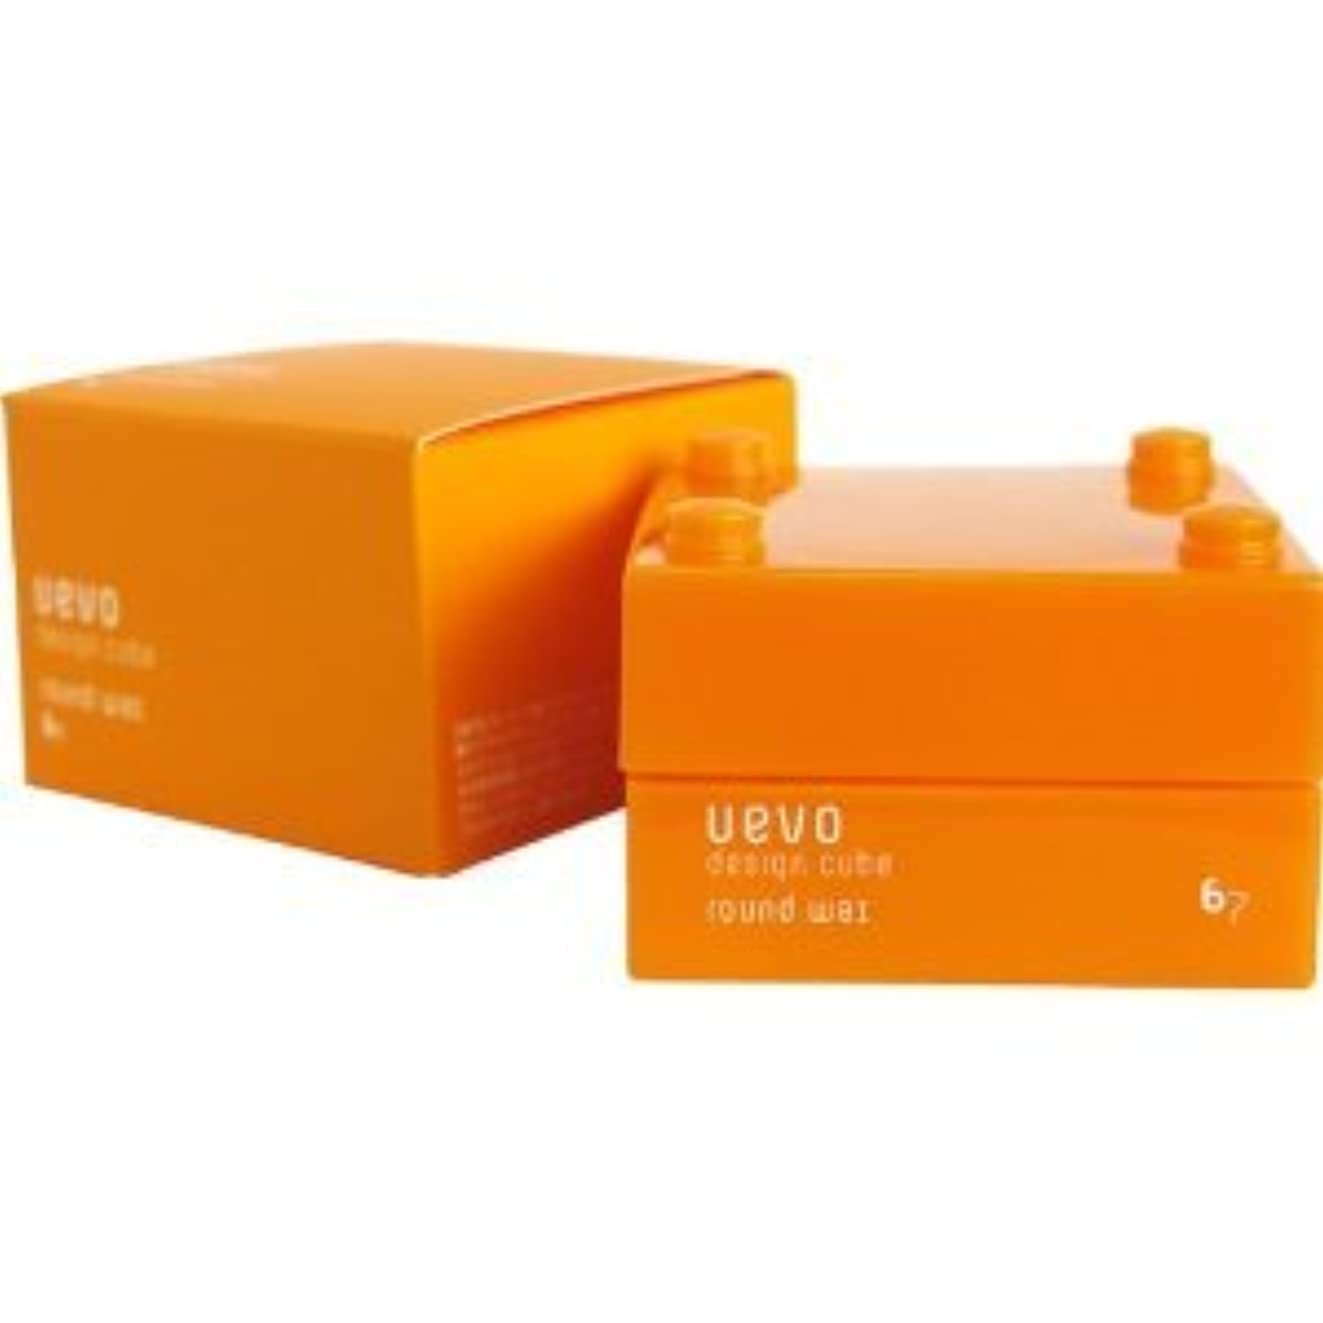 【X3個セット】 デミ ウェーボ デザインキューブ ラウンドワックス 30g round wax DEMI uevo design cube